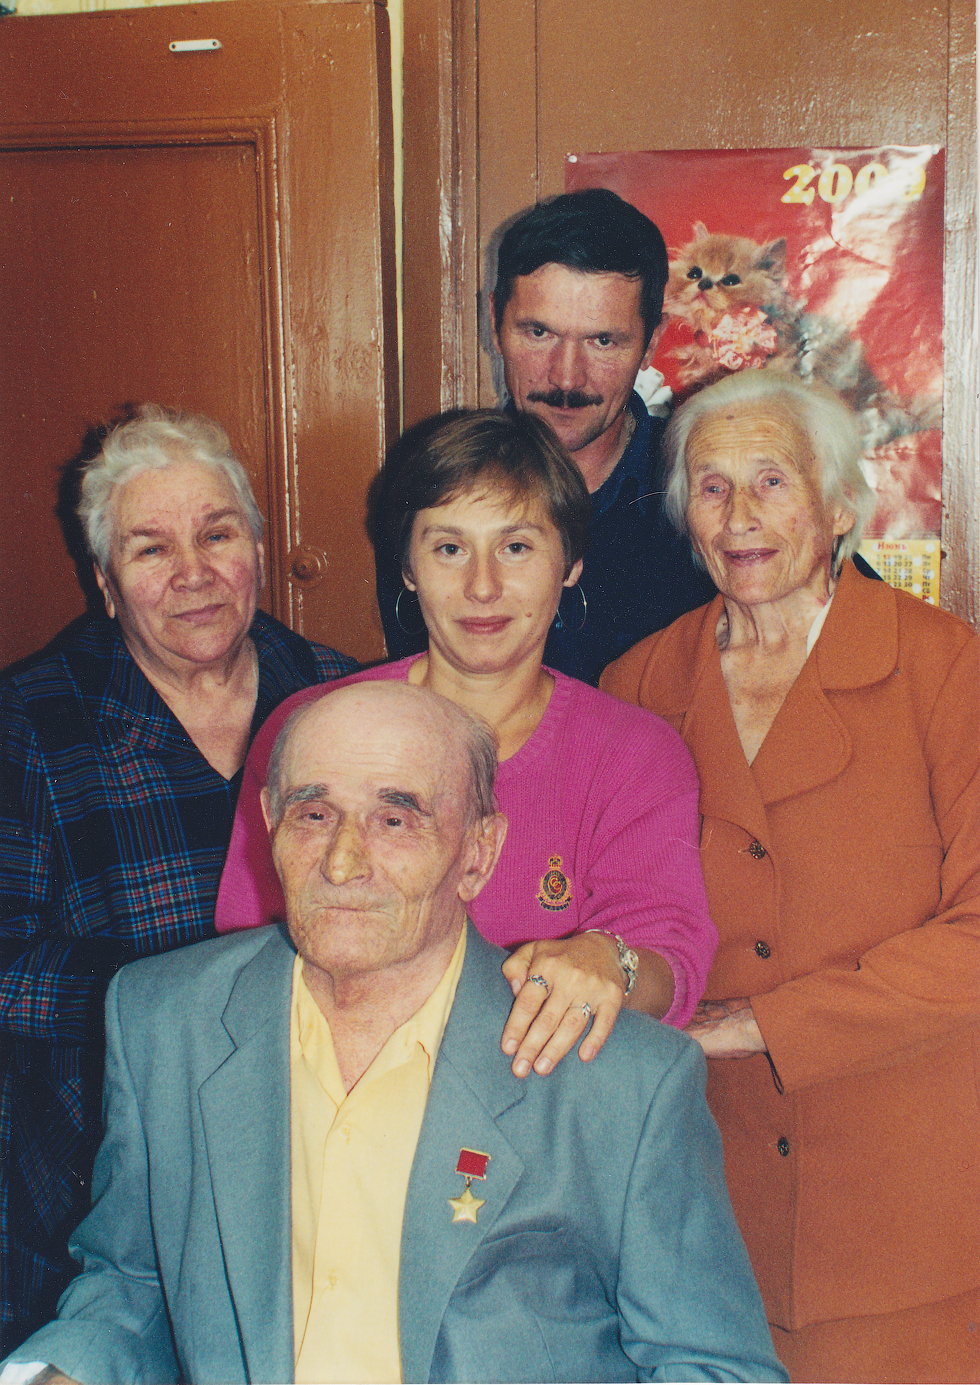 Наталья Алмазова - родная сестра Героя СССР Николая Александрова. В этой семье не понаслышке знают о тяготах военного времени.